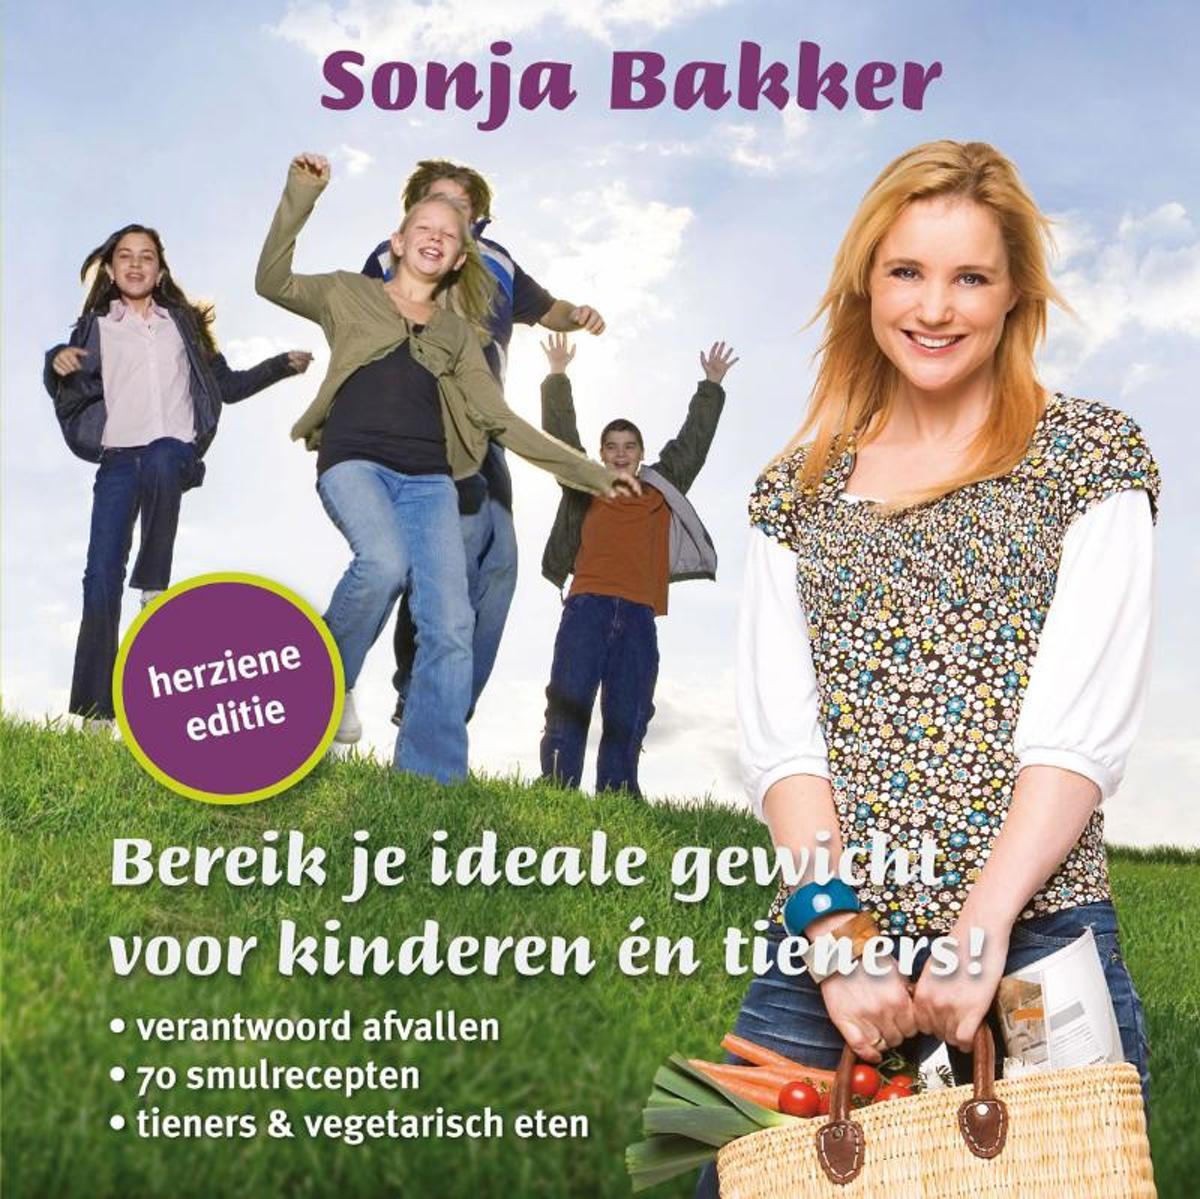 sonja bakker voor kinderen